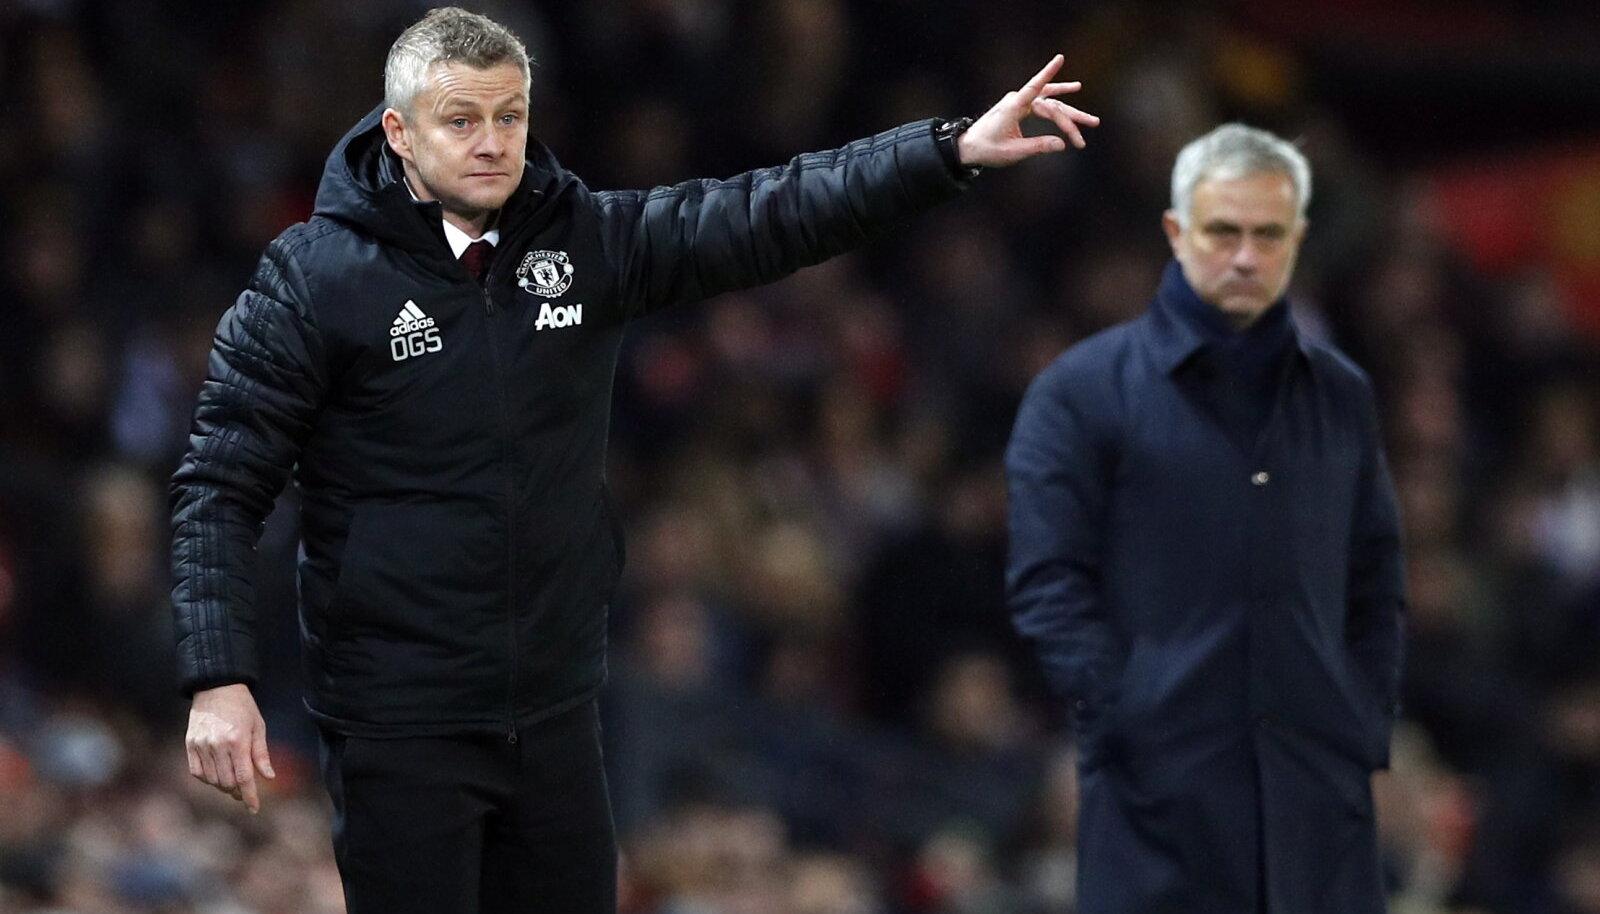 Ole Gunnar Solskjaer suutis United eelmise peatreeneri Jose Mourinho üle mängida.